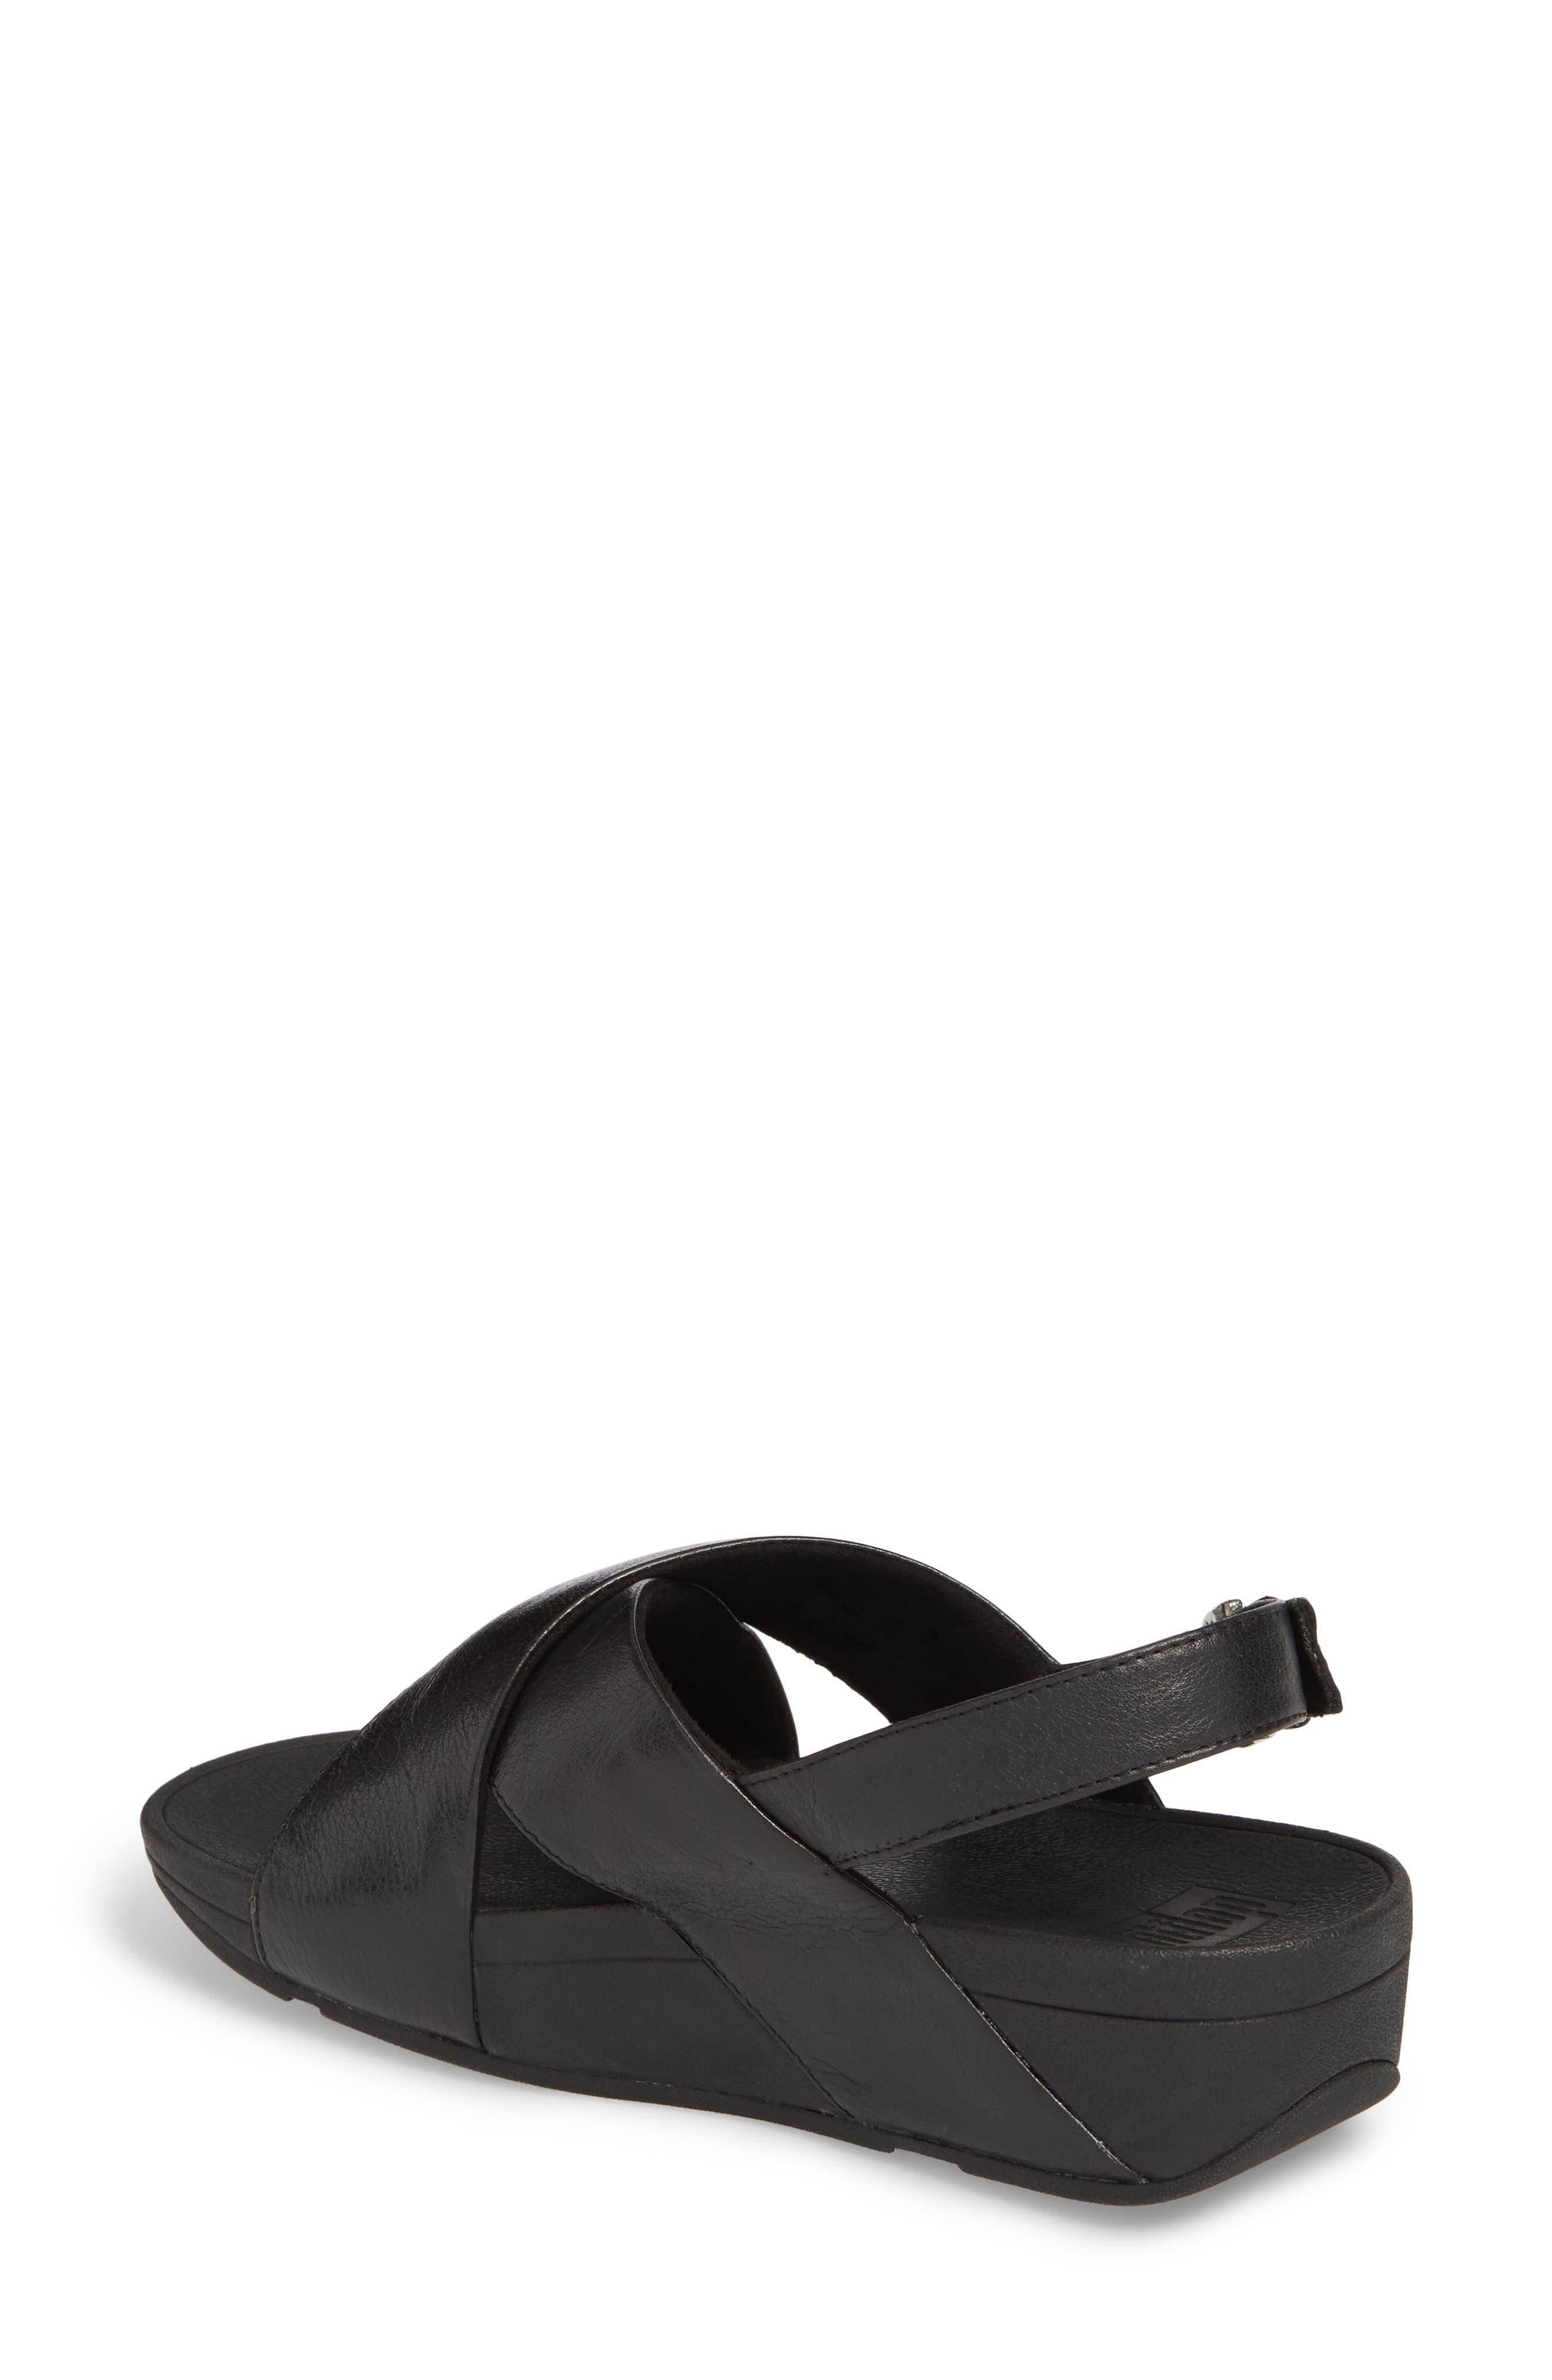 Lulu Crisscross Sandal,                             Alternate thumbnail 2, color,                             BLACK